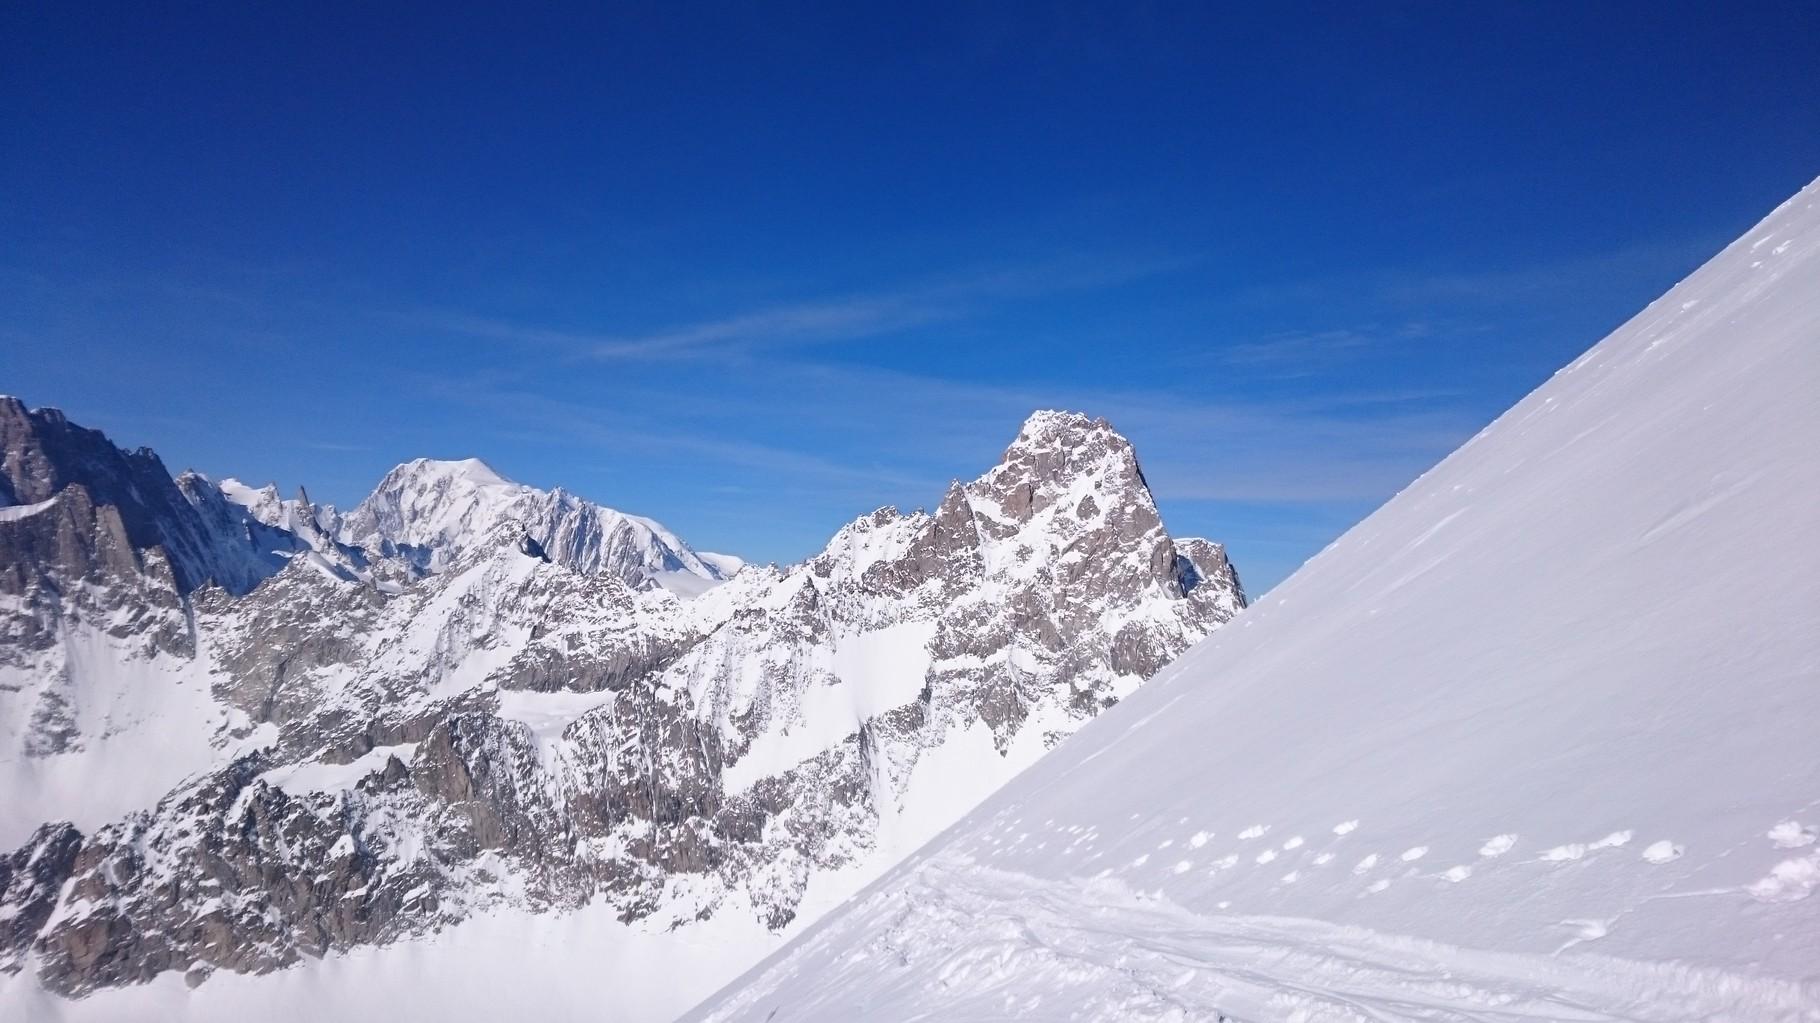 Aig. de Triolet und Mont Blanc im Hintergrund